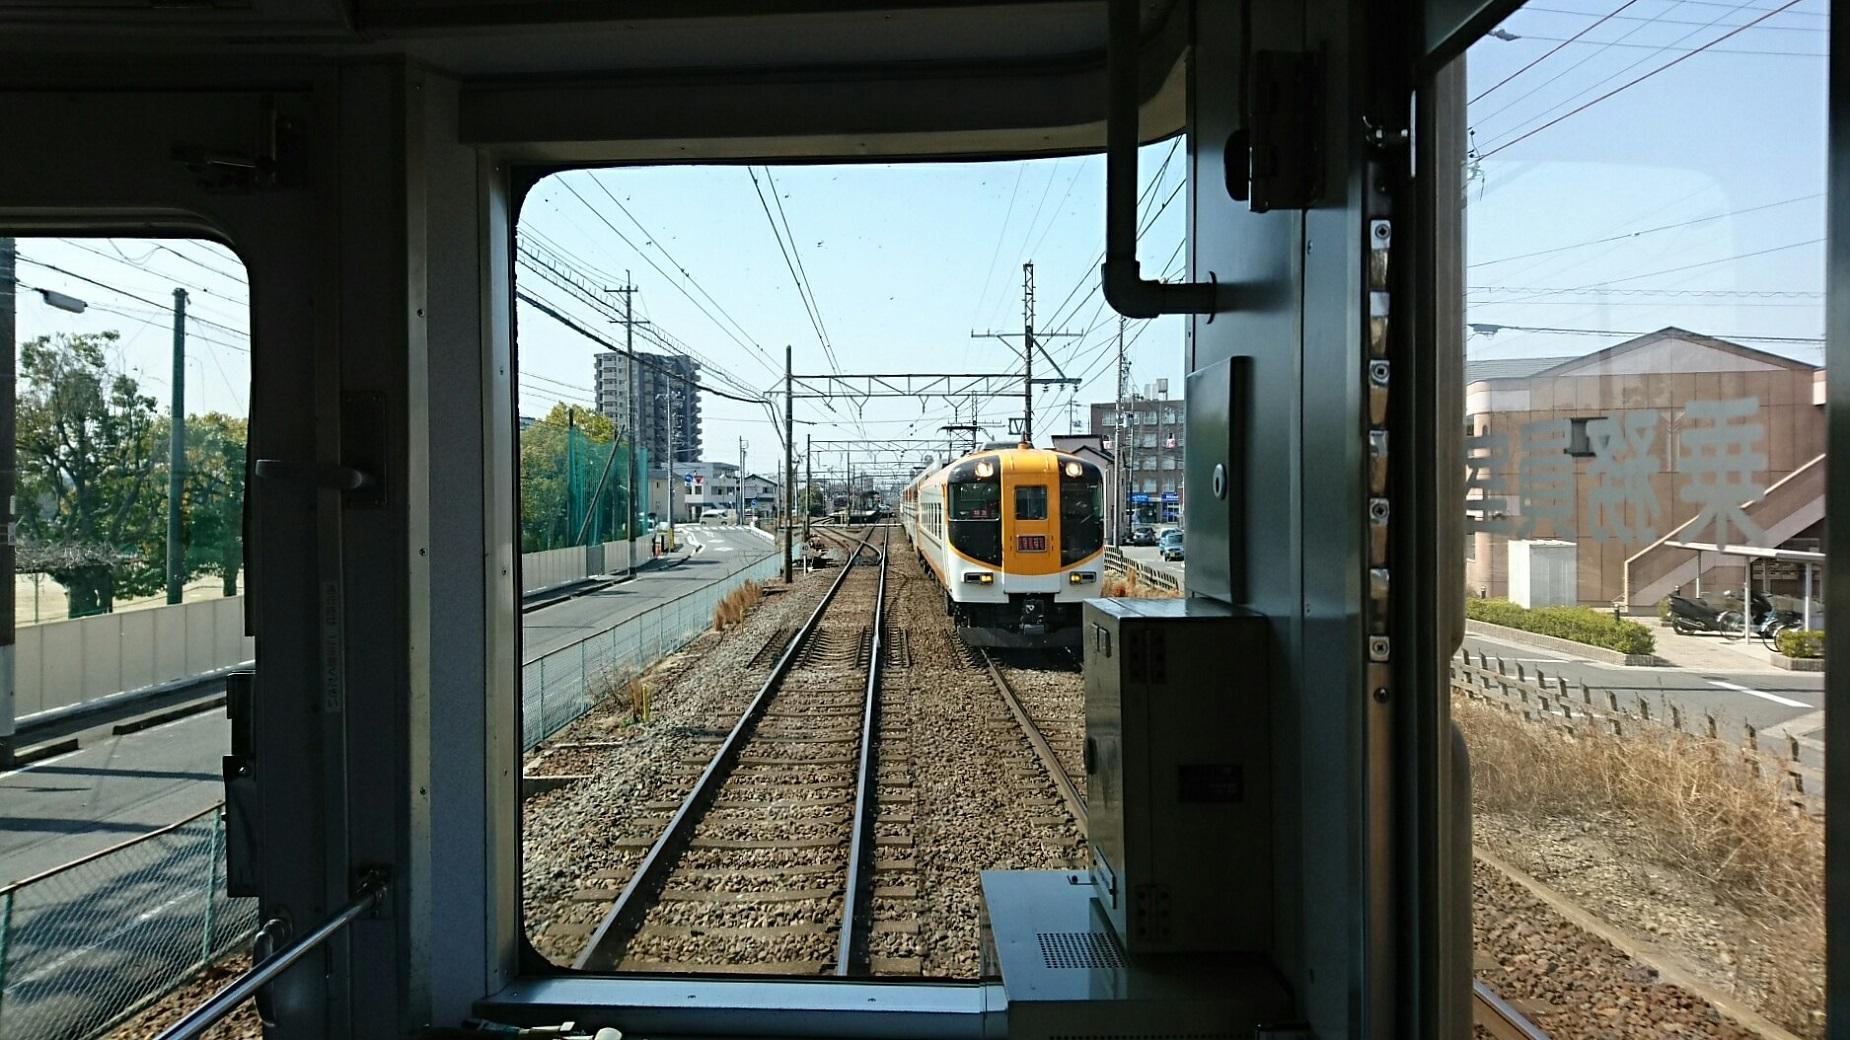 2018.3.13 白子 (21) 松阪いき急行 - 蟹江てまえ(ビスタカー) 1850-1040